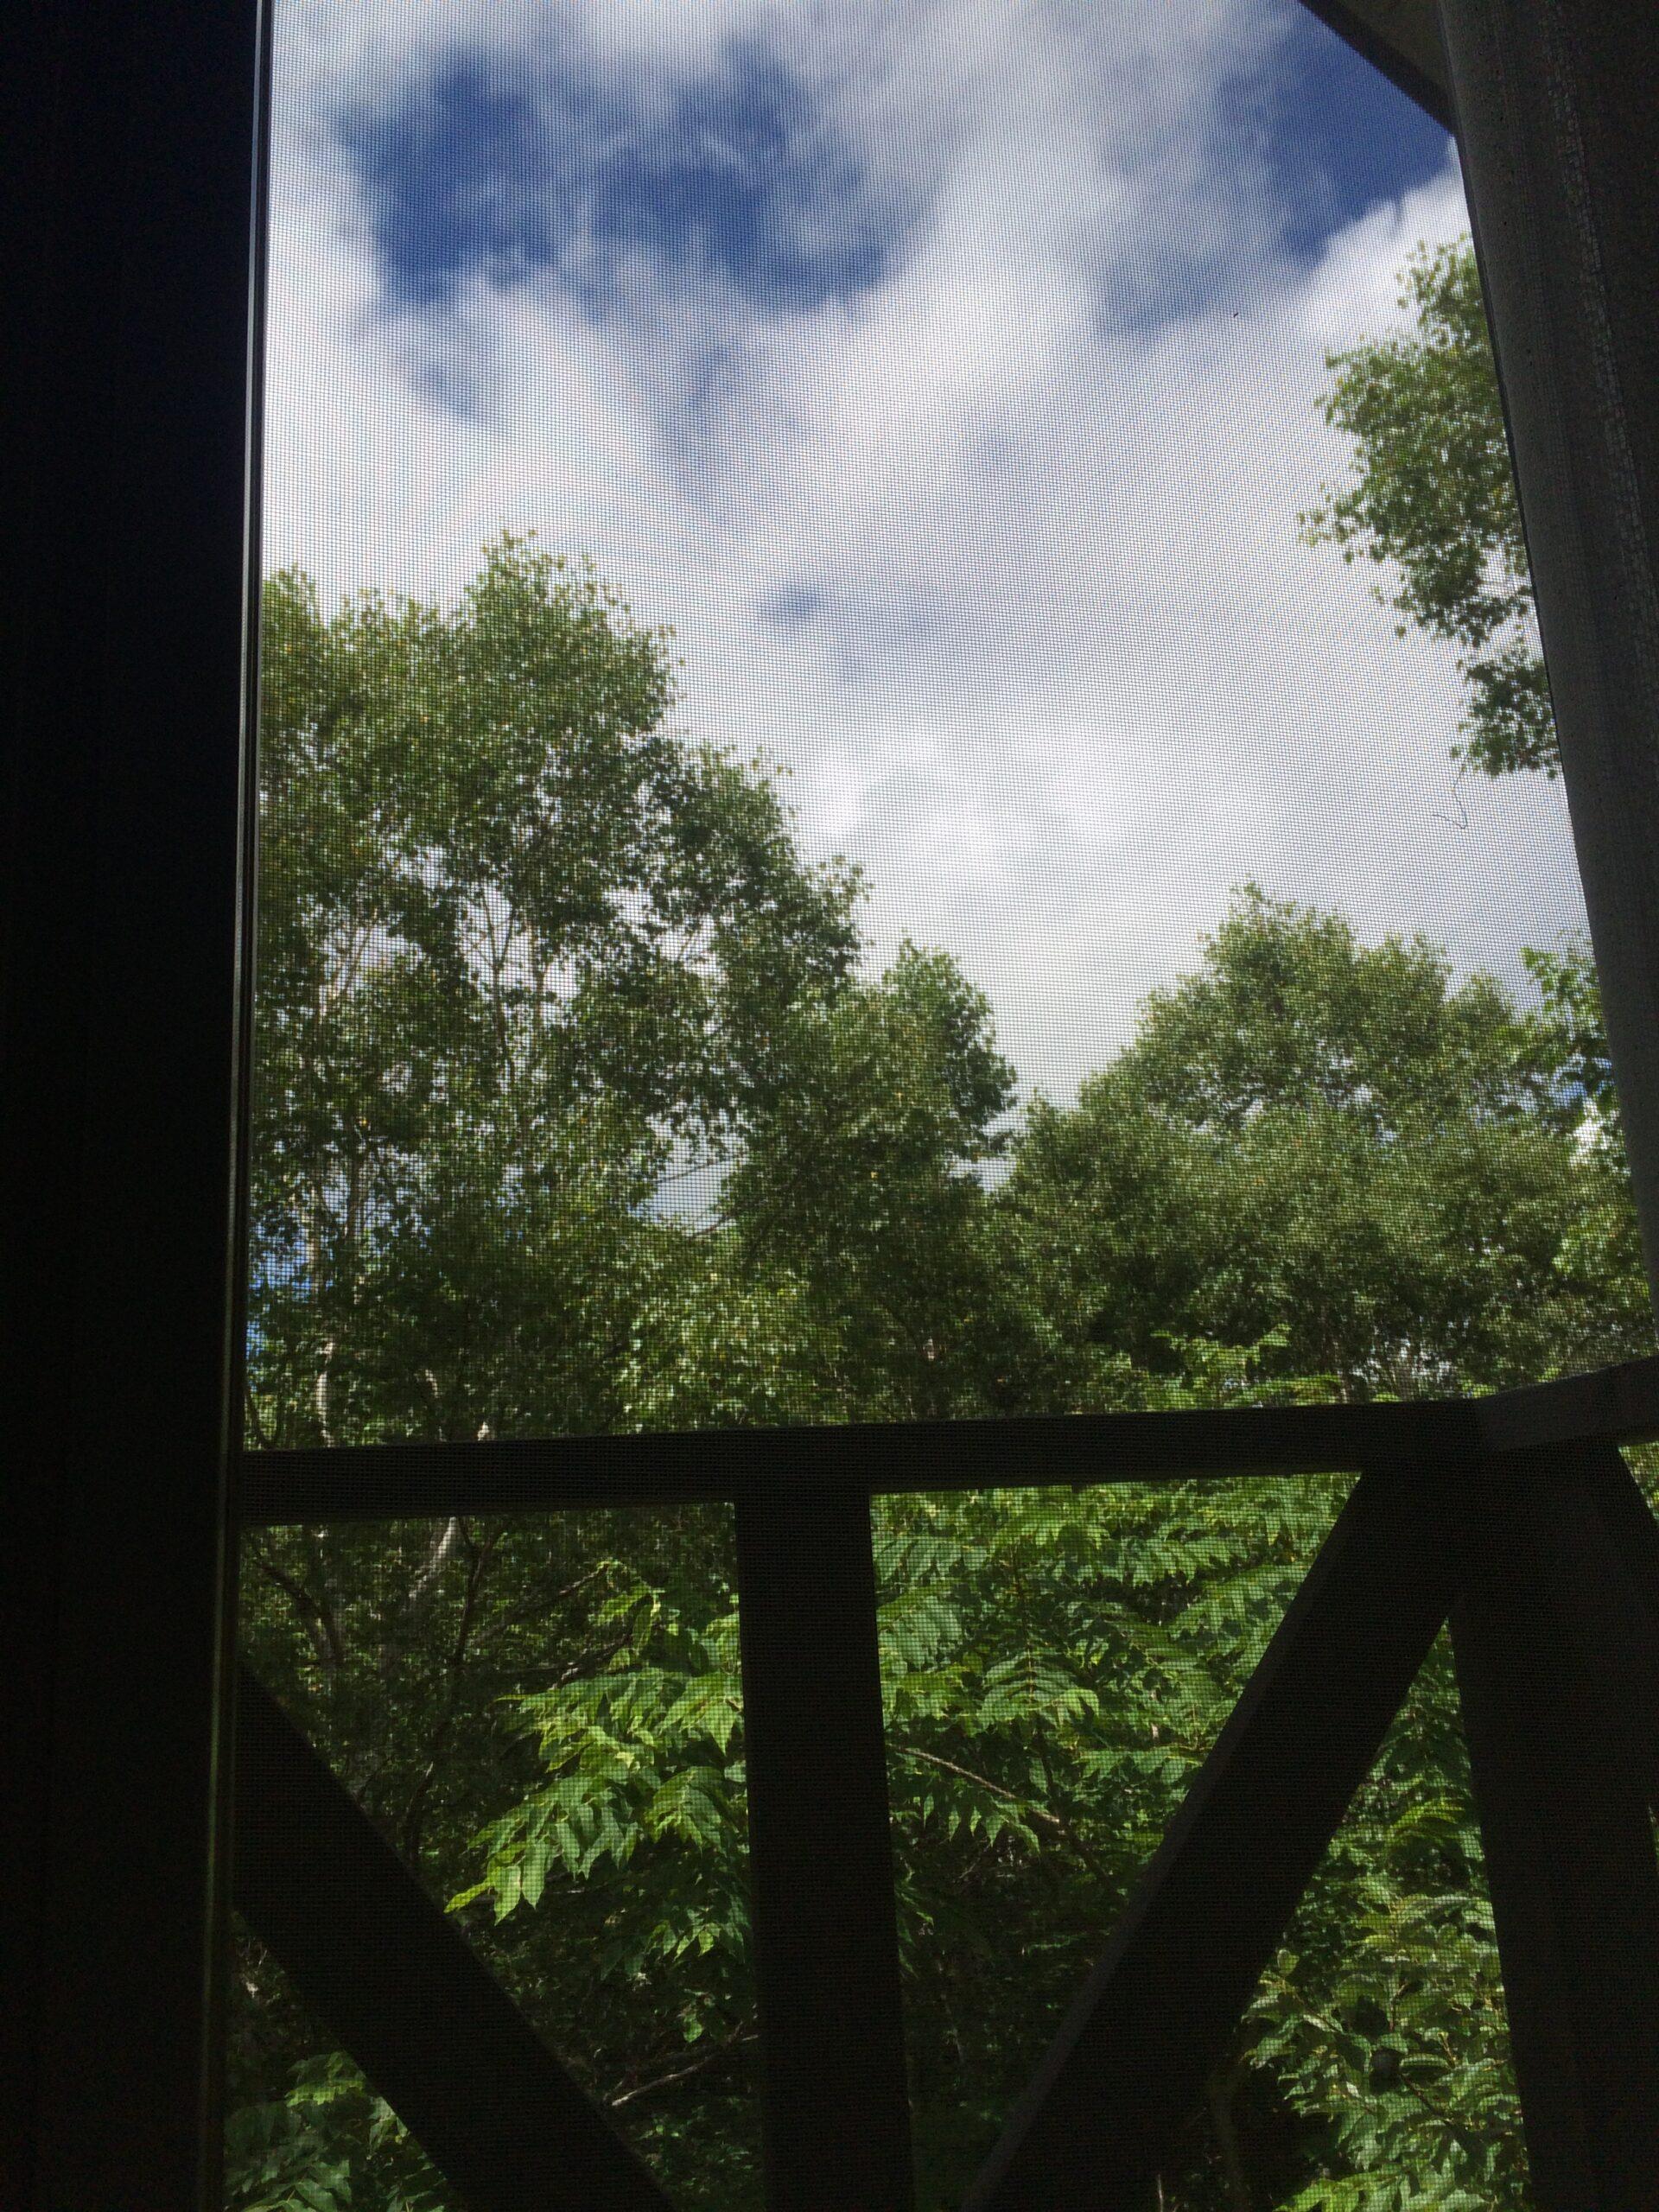 夏っぽくなってきた♪の投稿写真